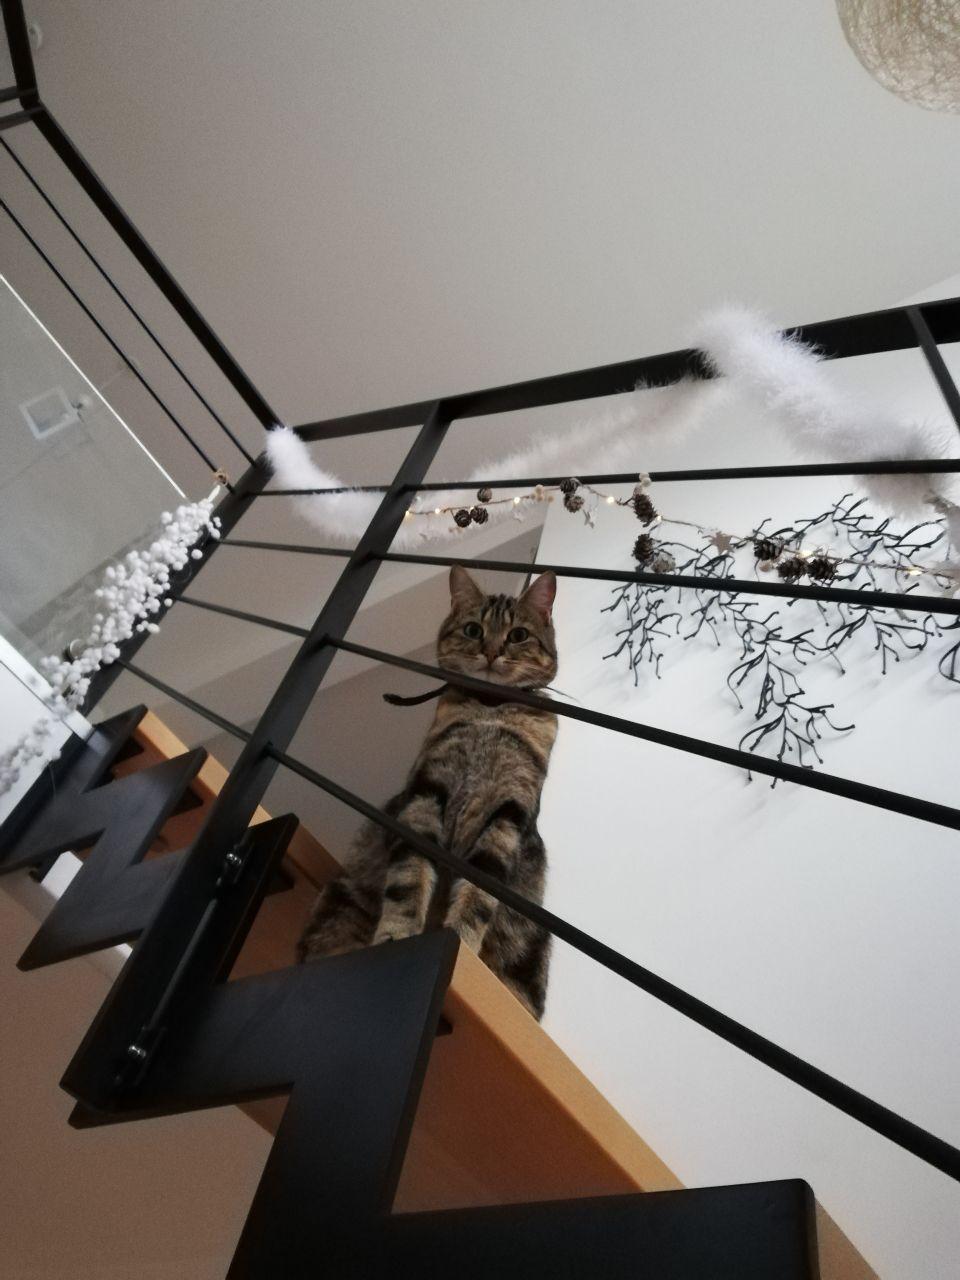 Escalier décoré et chat innocent